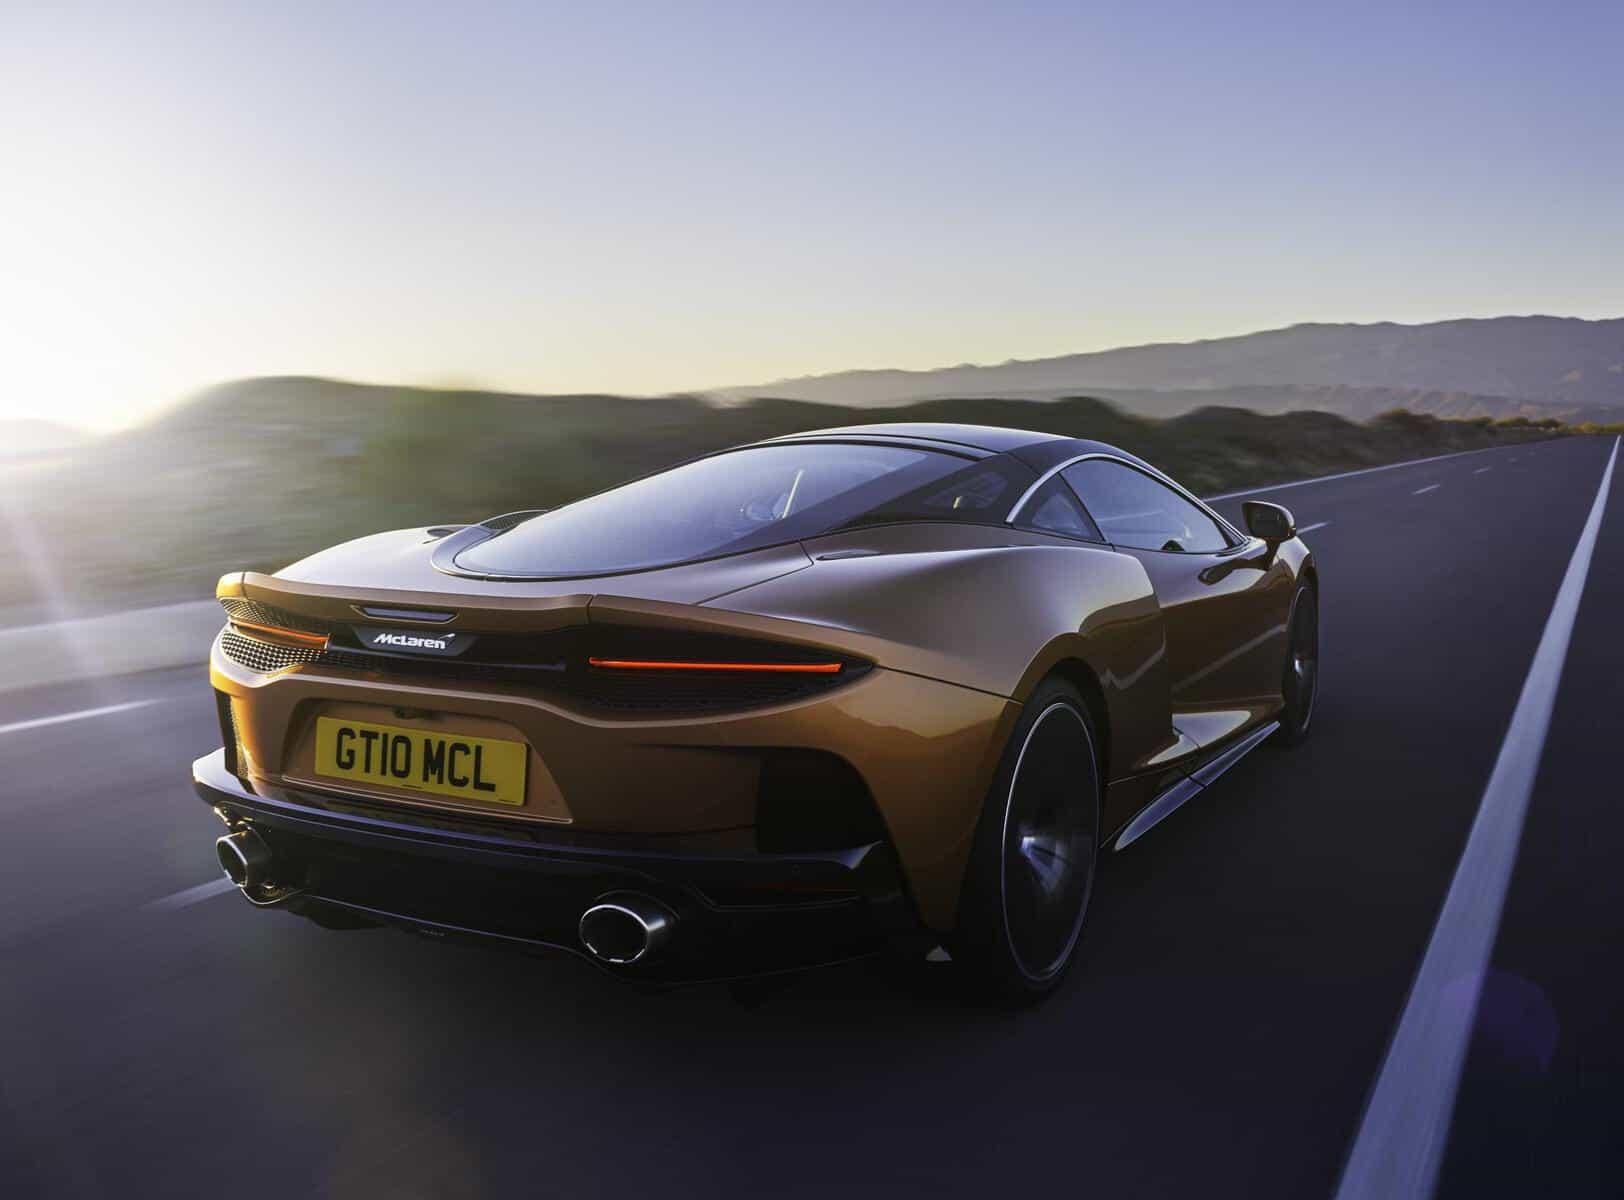 McLaren GT 13